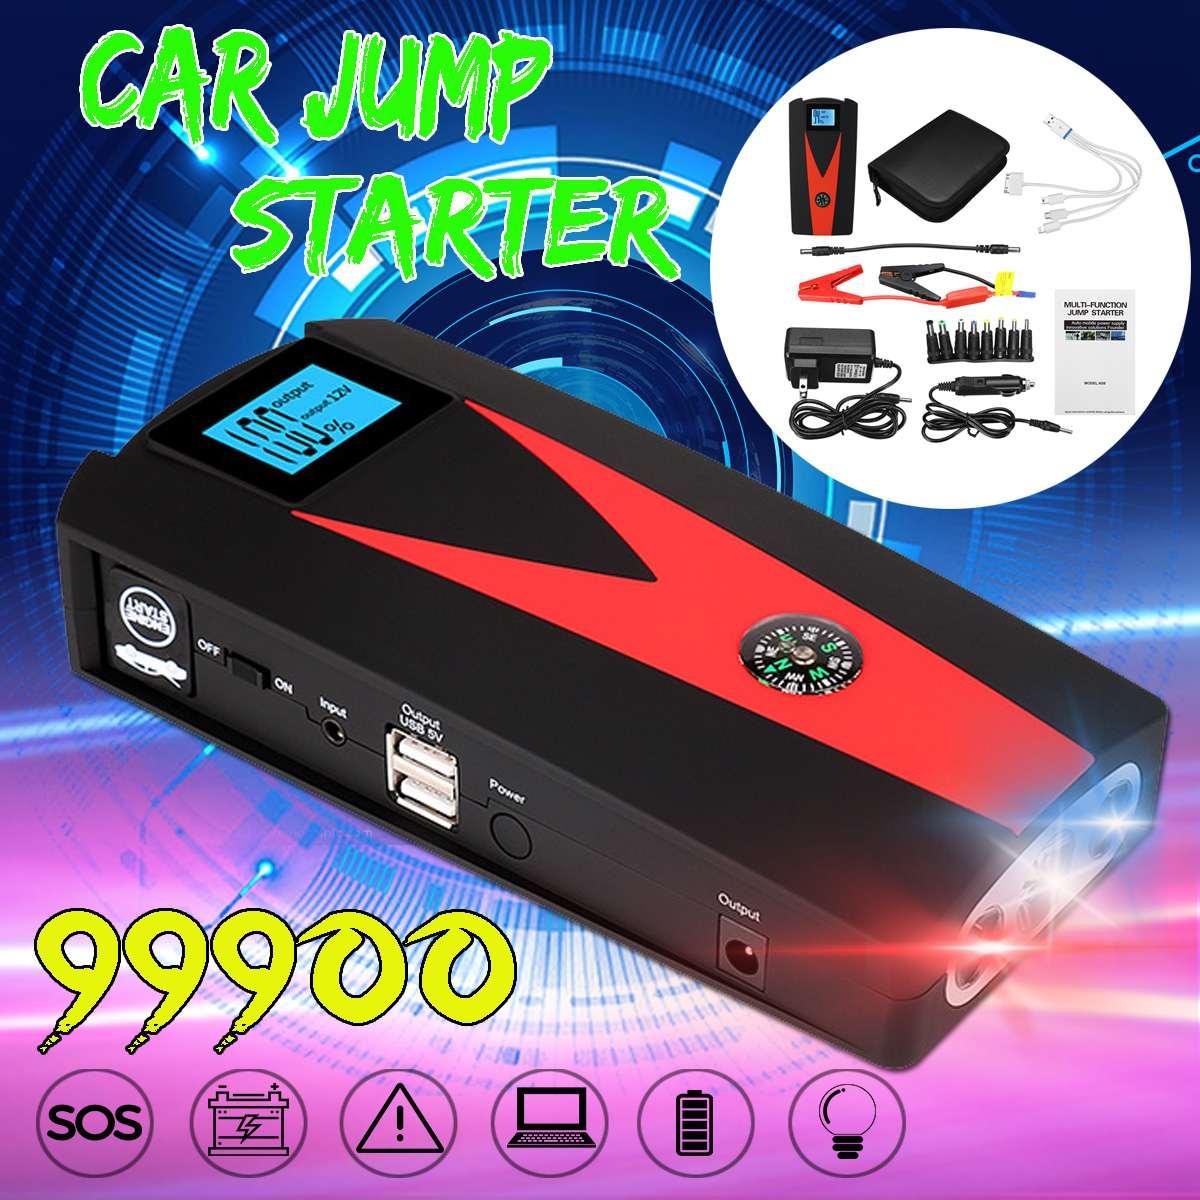 99900 mAh voiture haute puissance Jump Starter 12 V 600A led 2USB batterie externe Pour Portable De Voiture amplificateur de batterie Chargeur Dispositif de Démarrage